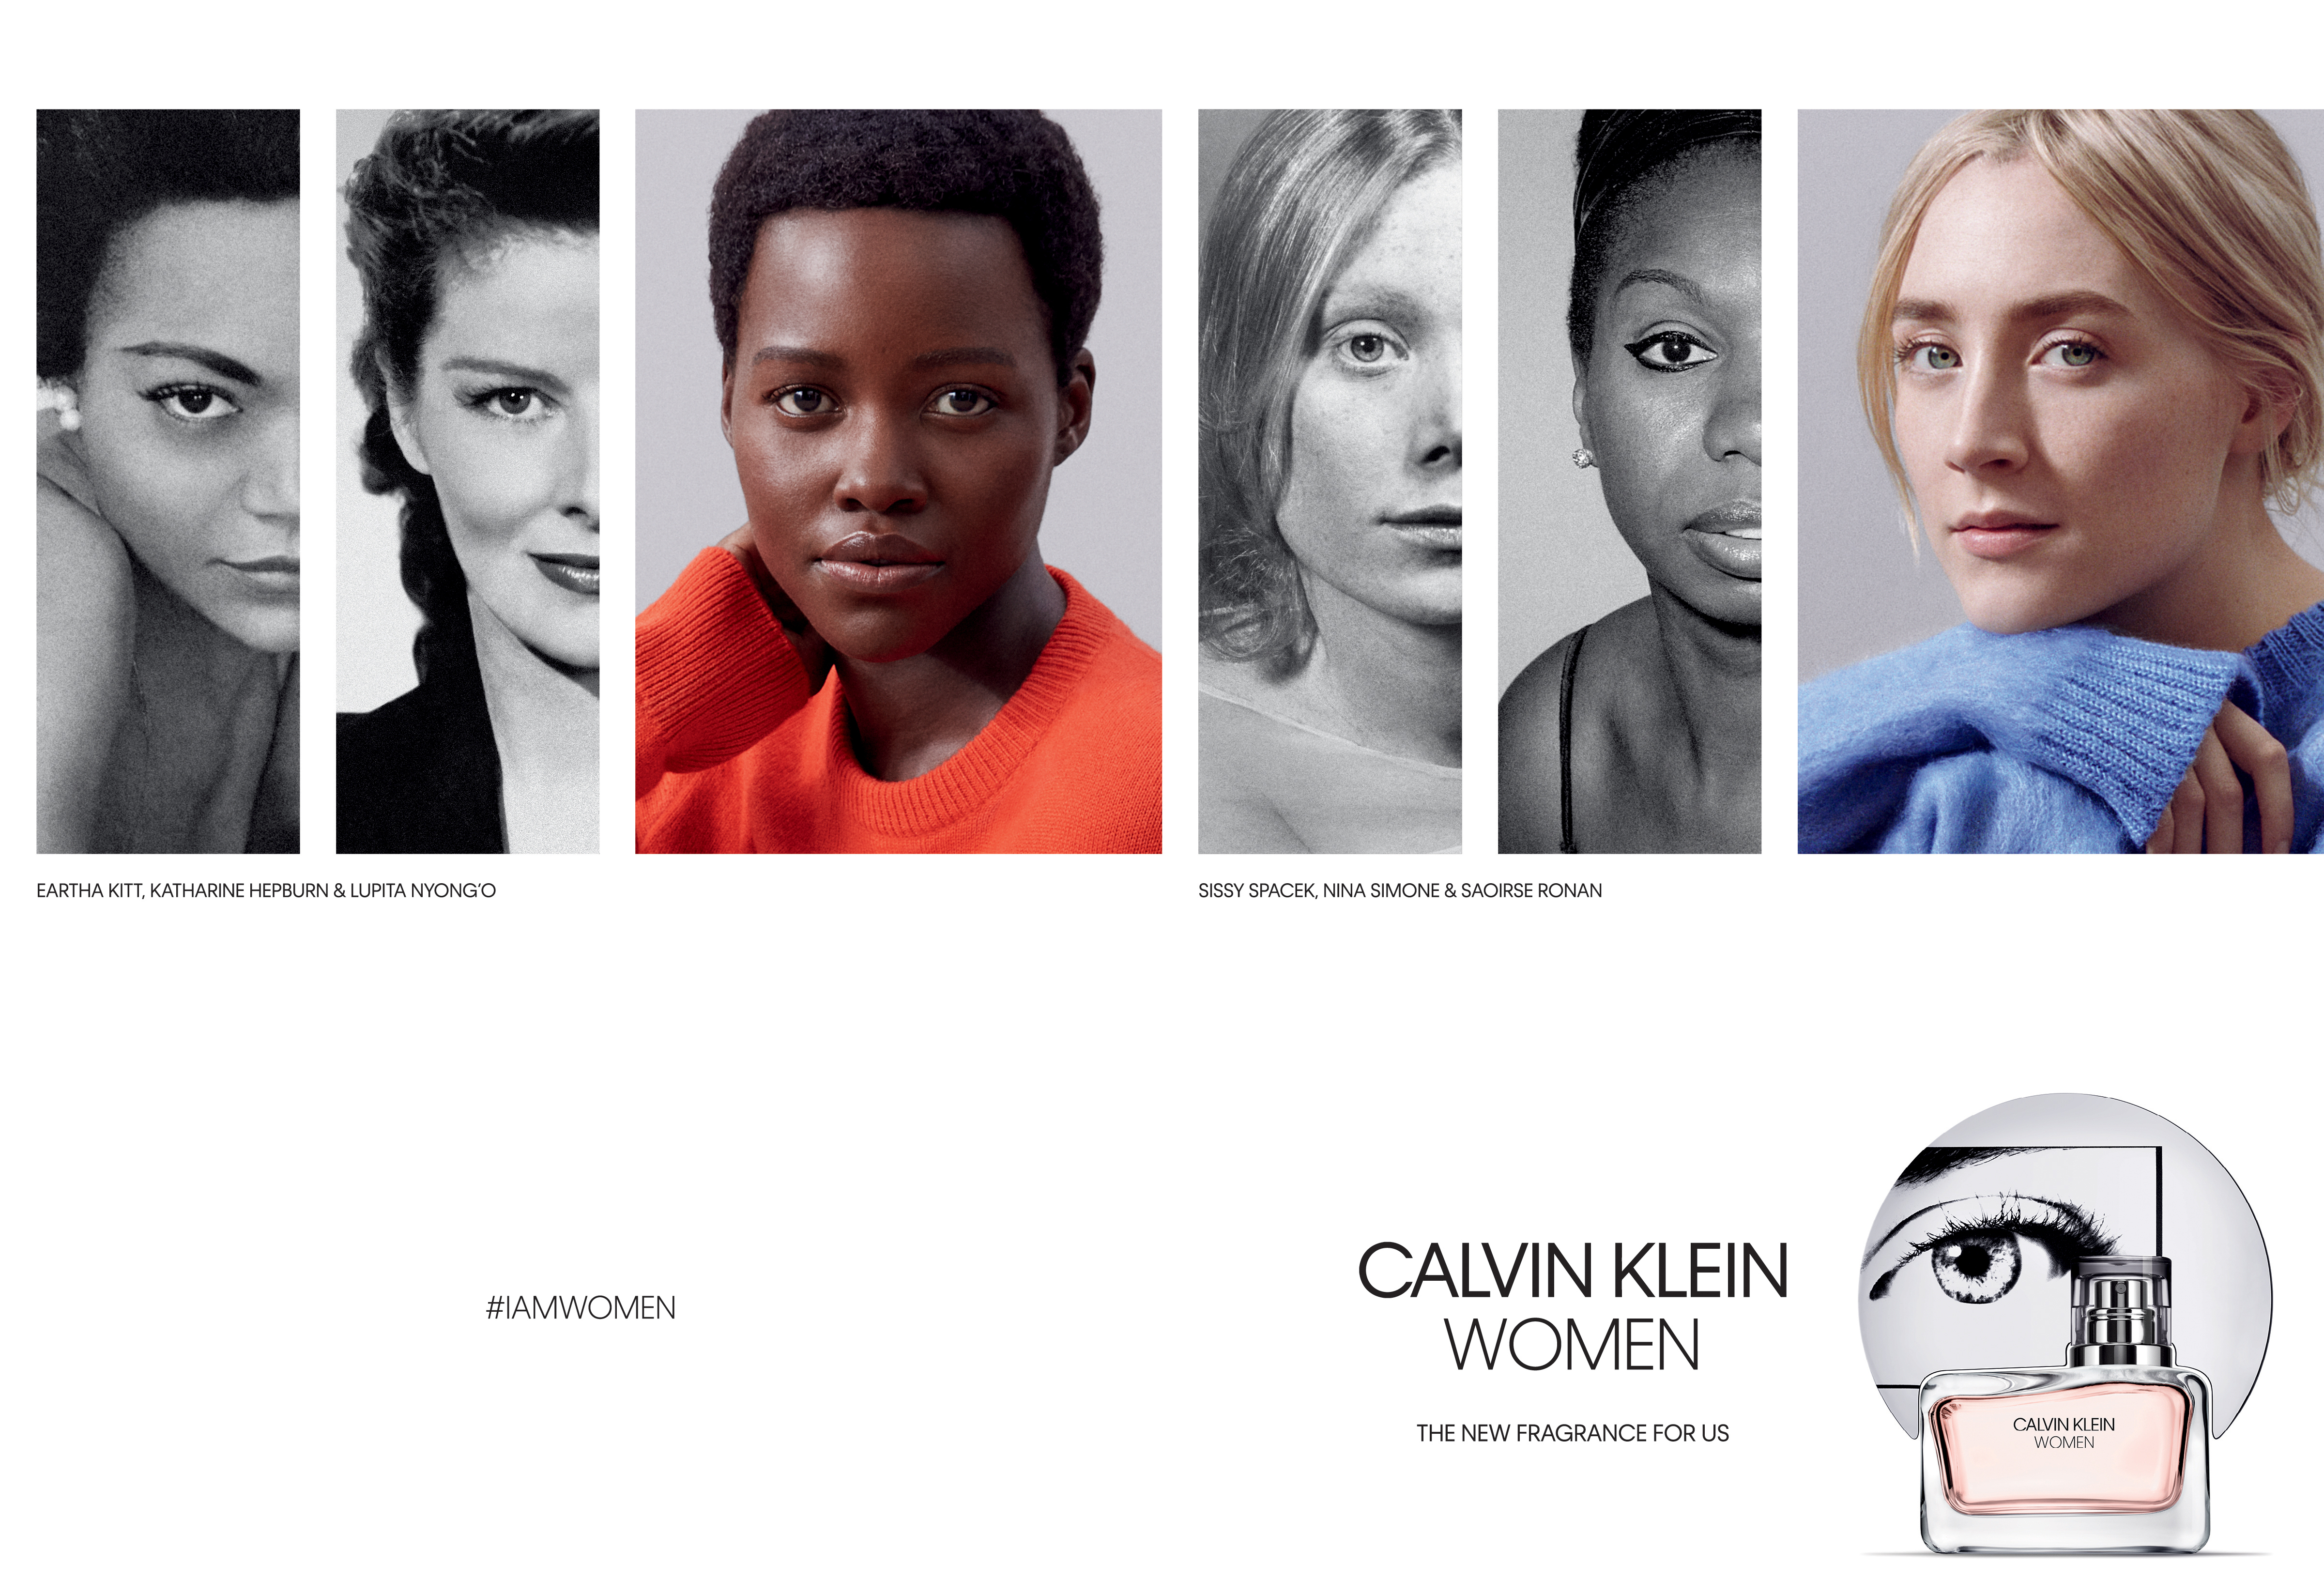 9b26008682 CALVIN KLEIN Fragrances Announces Lupita Nyong o and Saoirse Ronan as Faces  of CALVIN KLEIN WOMEN